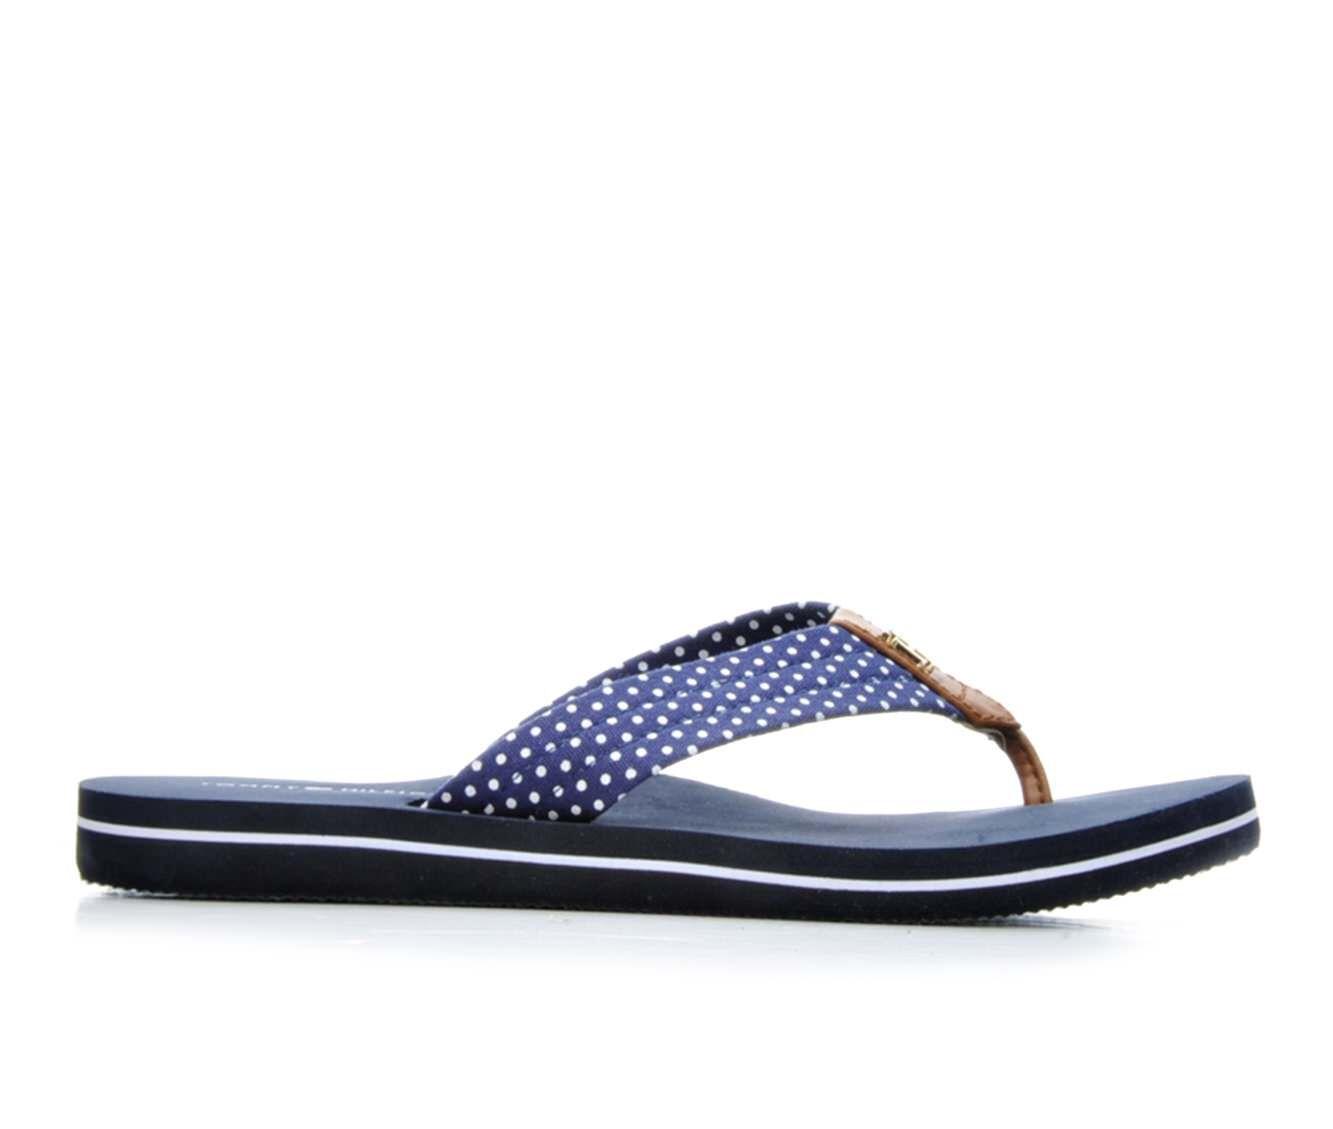 Women's Tommy Hilfiger Candis Flip-Flops Navy/White